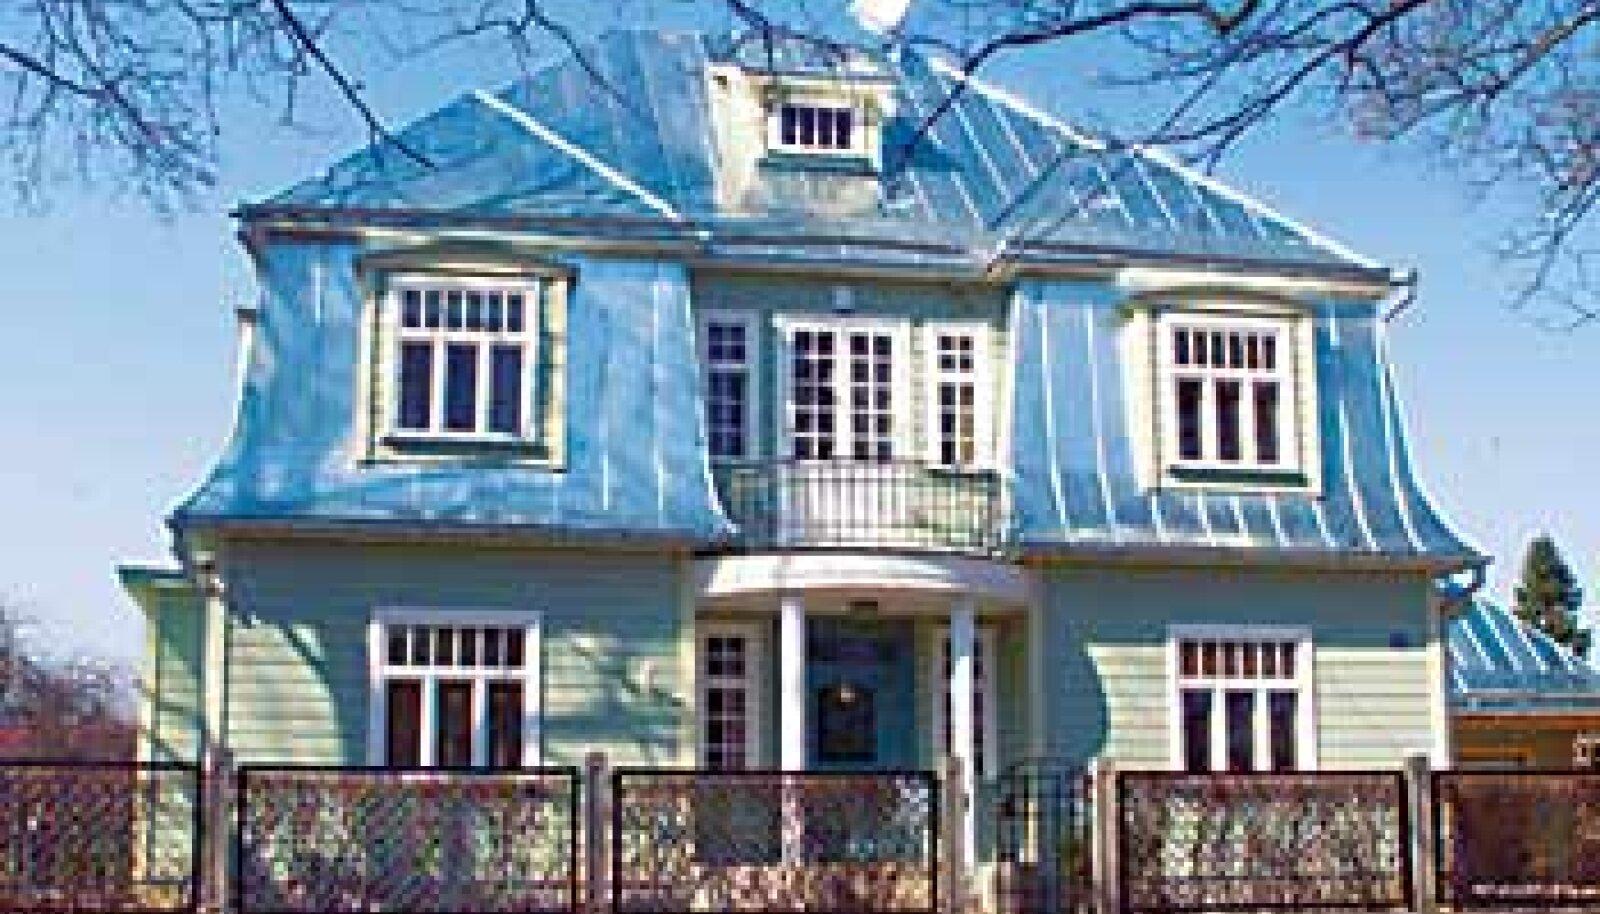 MEERI VILLA: Tartu linnapea Andrus Ansip otsis oma perele tükk aega sobivat vana maja. Viimaks leidus neile viiele paraja suurusega (200 m2) kodu, kus on suur (2500 m2) lõuna poole jääv aed. Ansipid hakkavad alles aeda rajama. Ja plekk-katus saab värvi alla alles paari aasta pärast. Lauri Kulpsoo/Postimees